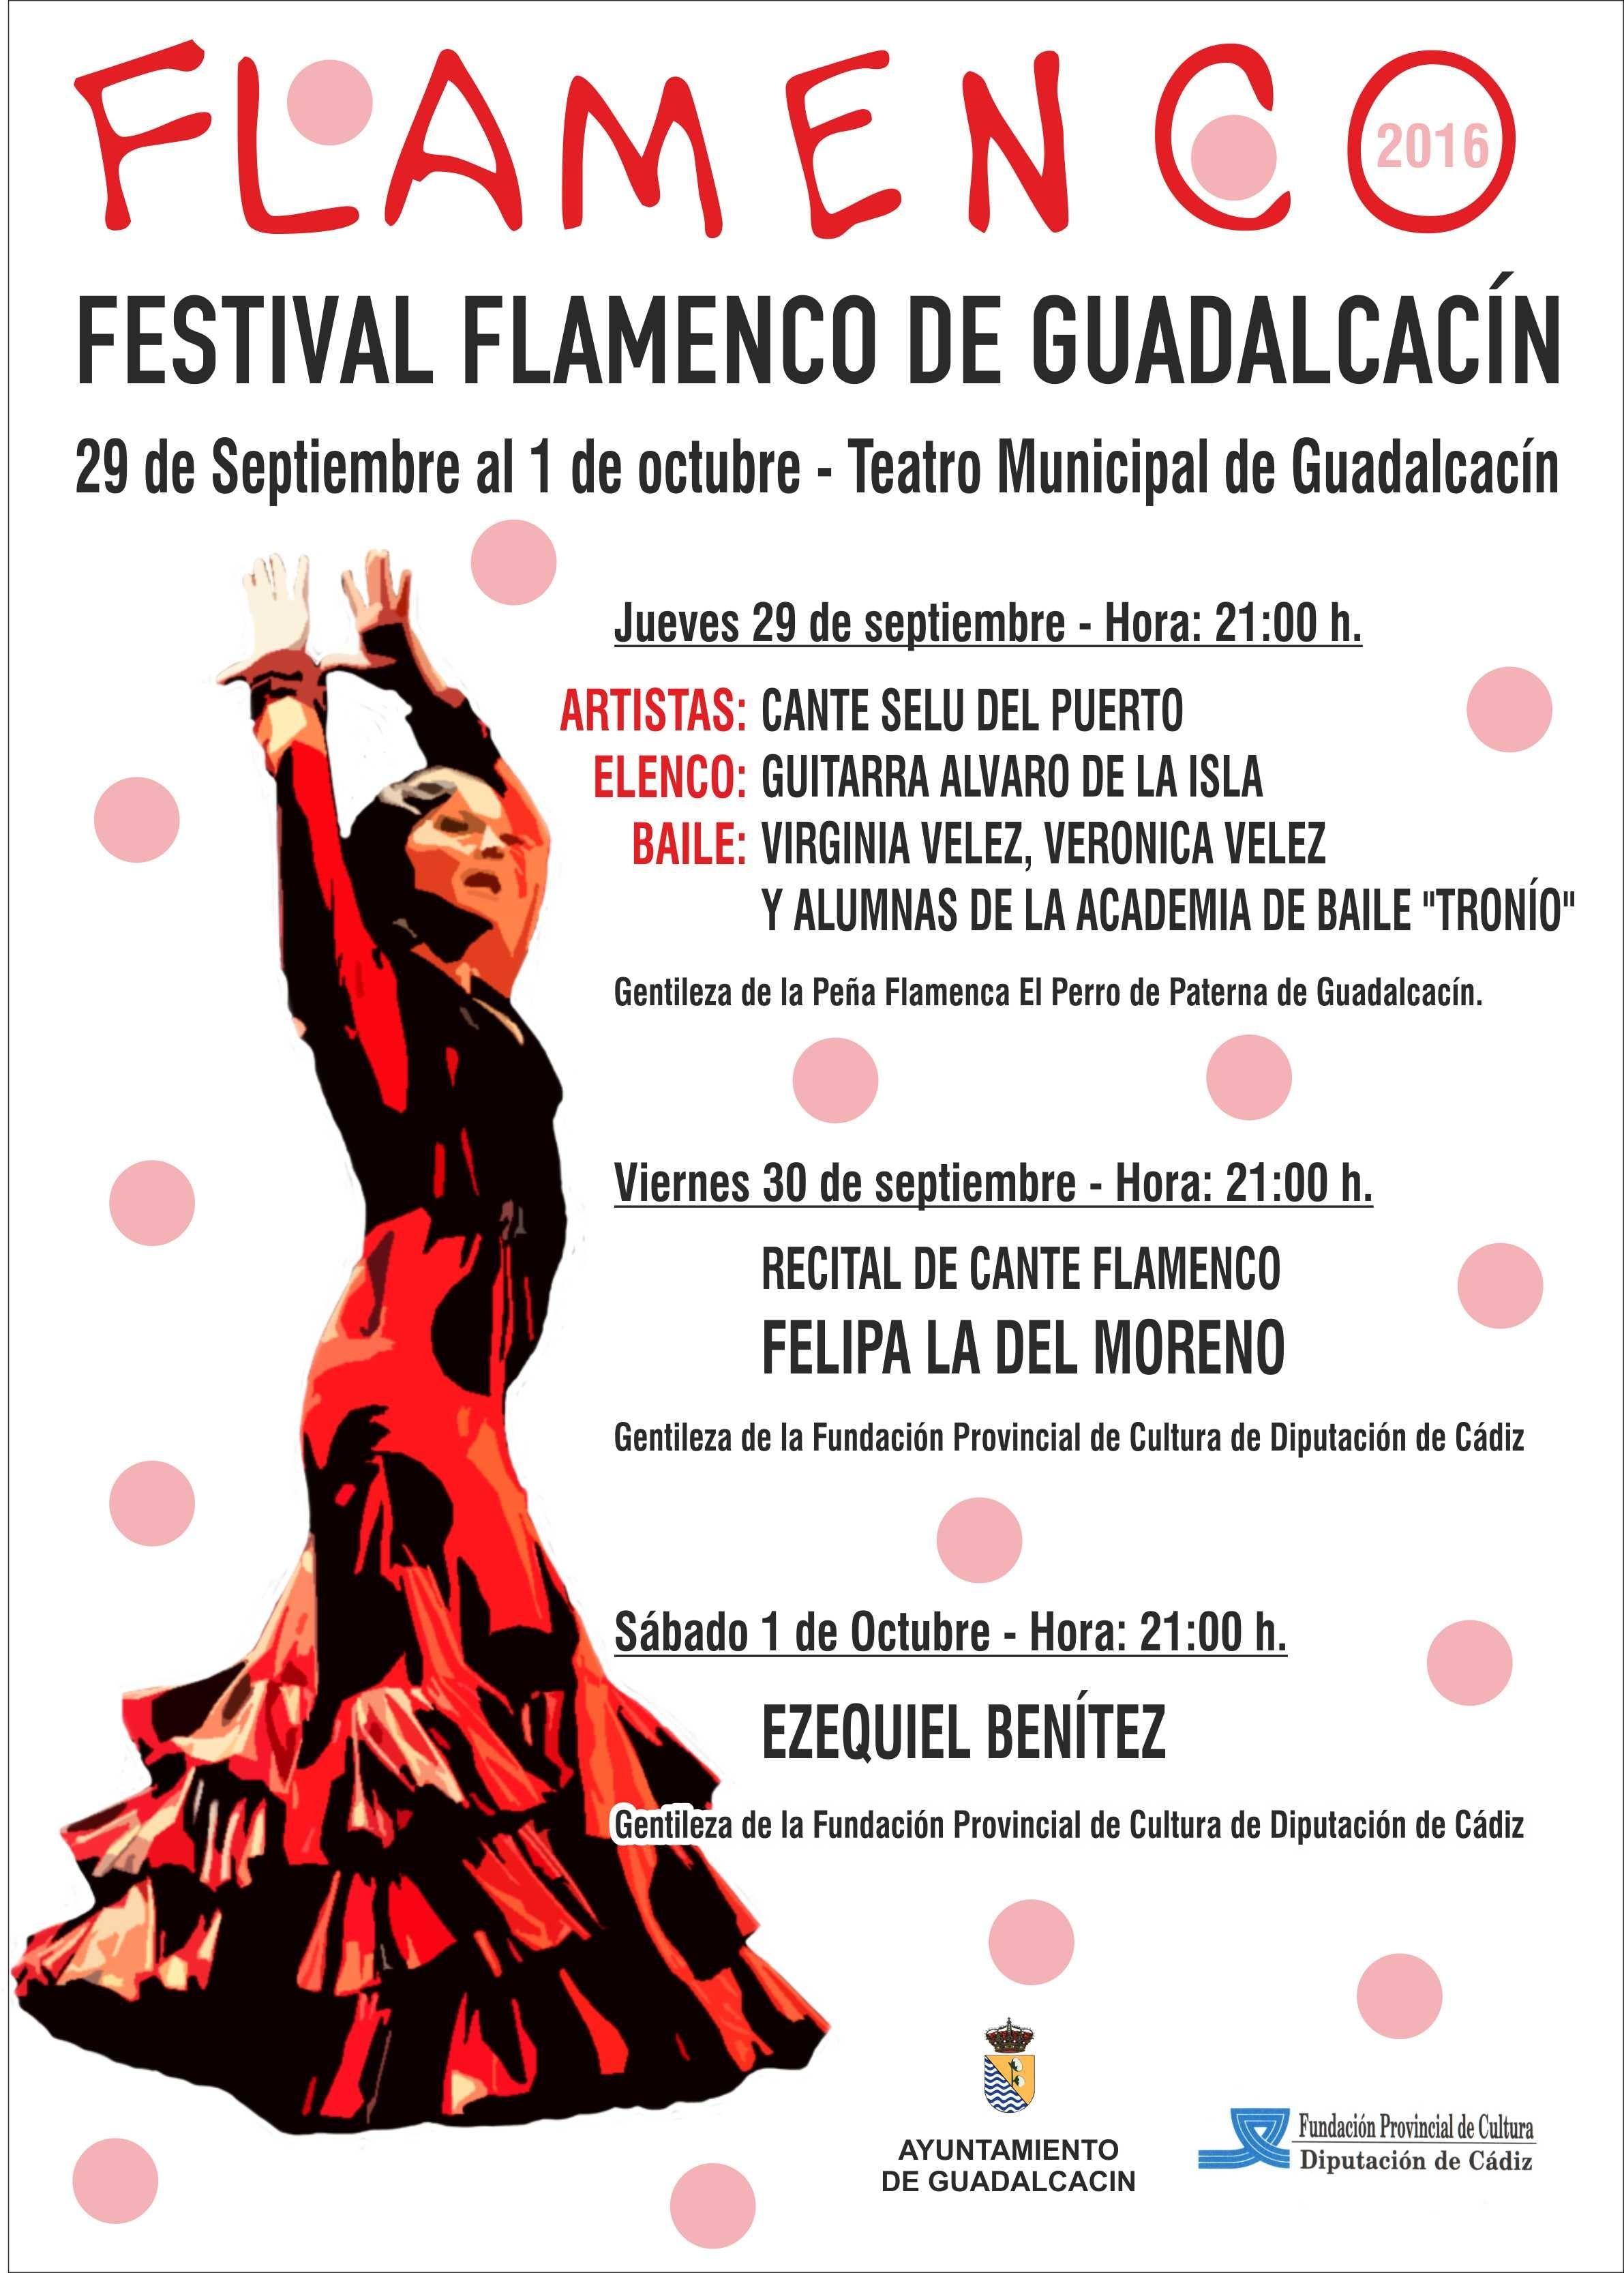 festival-flamenco-ayuntamiento-guadalcacin